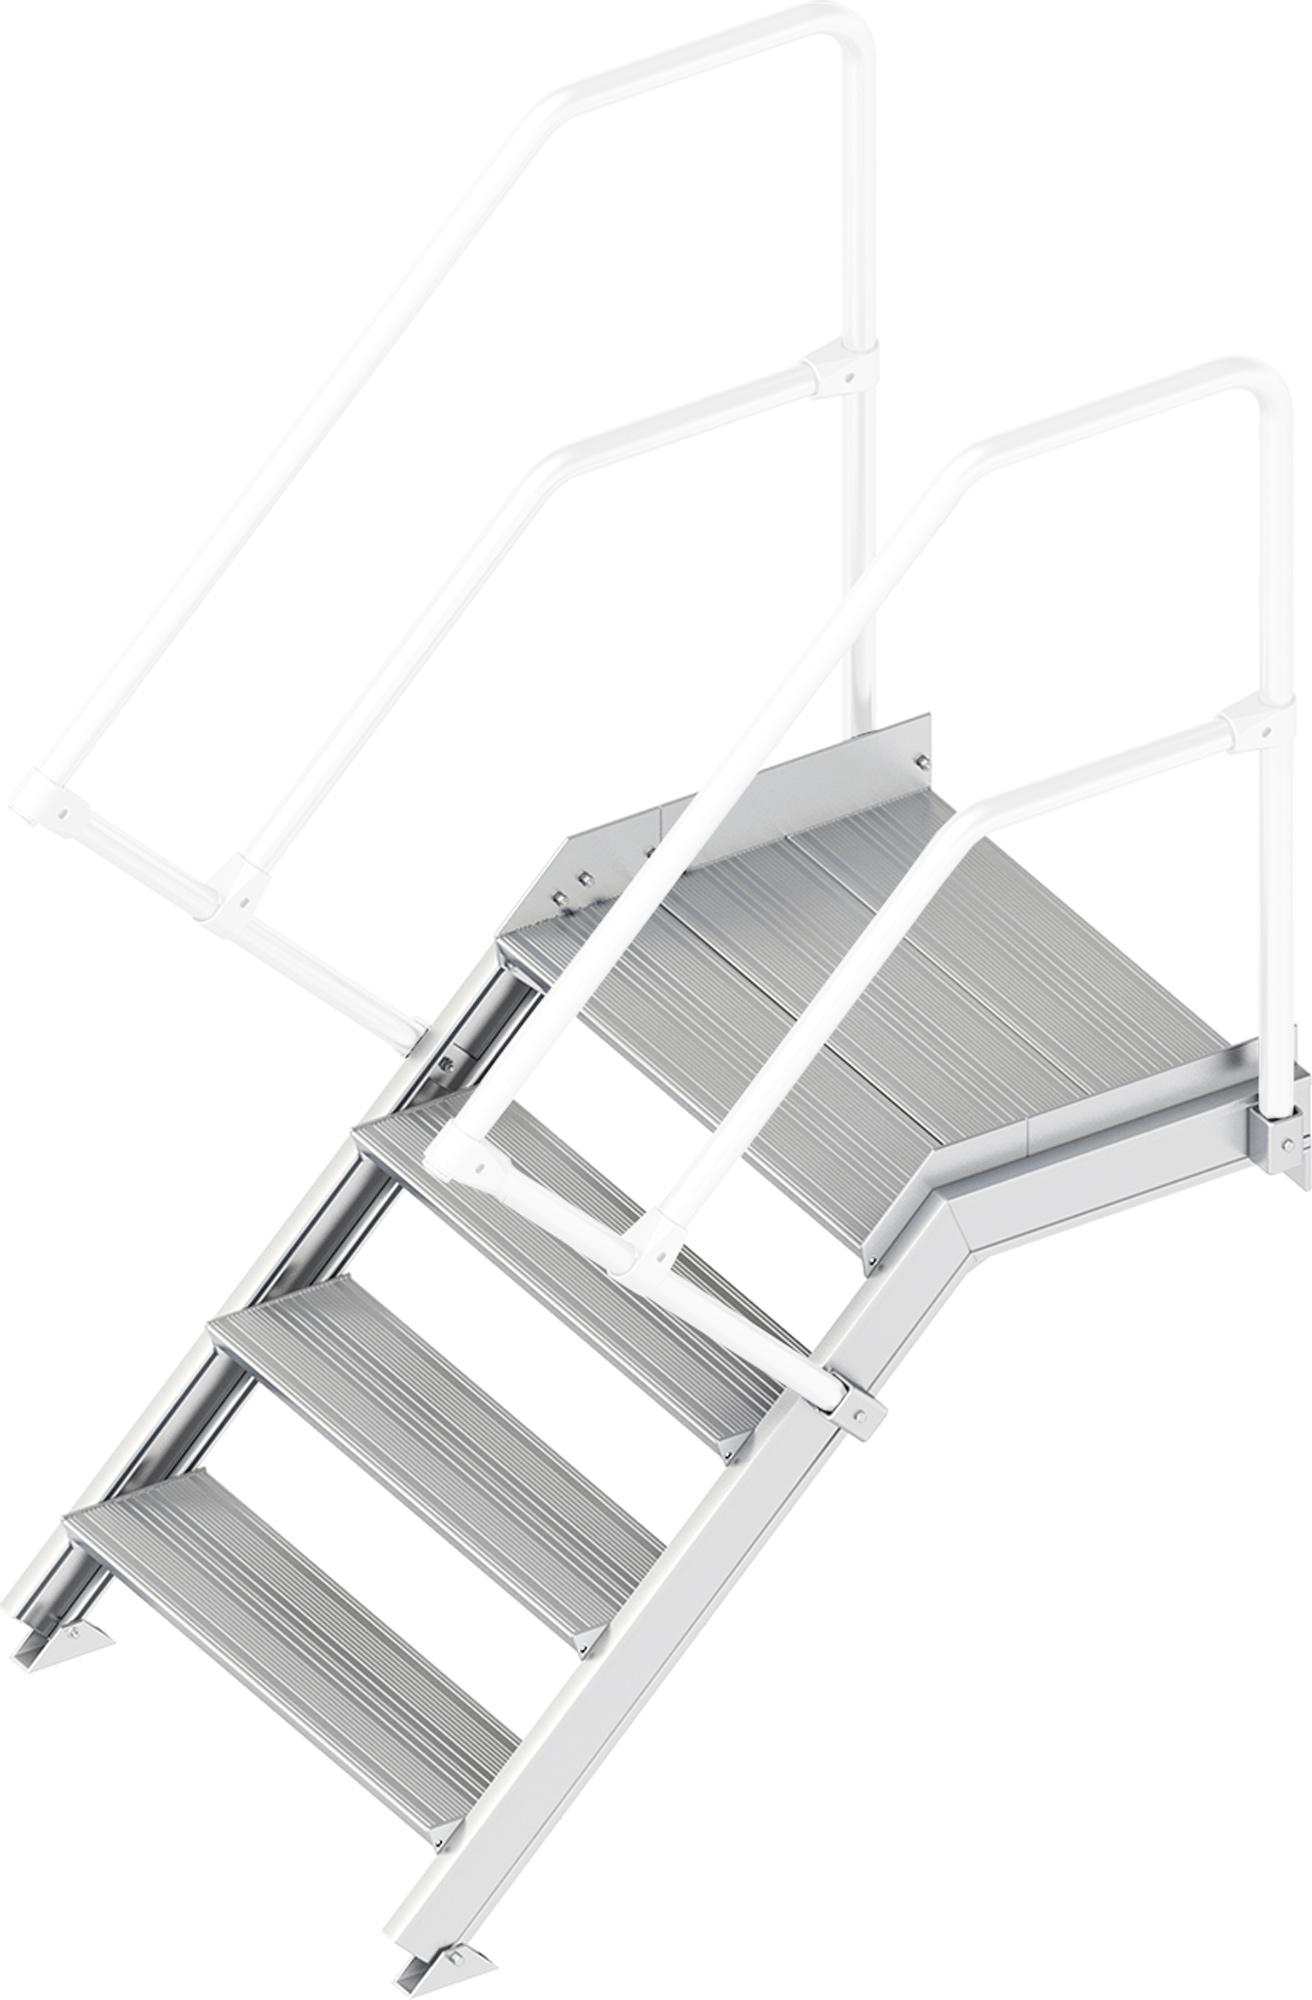 Layher Plattformtreppe 45° 4 Stufen - 800 mm breit